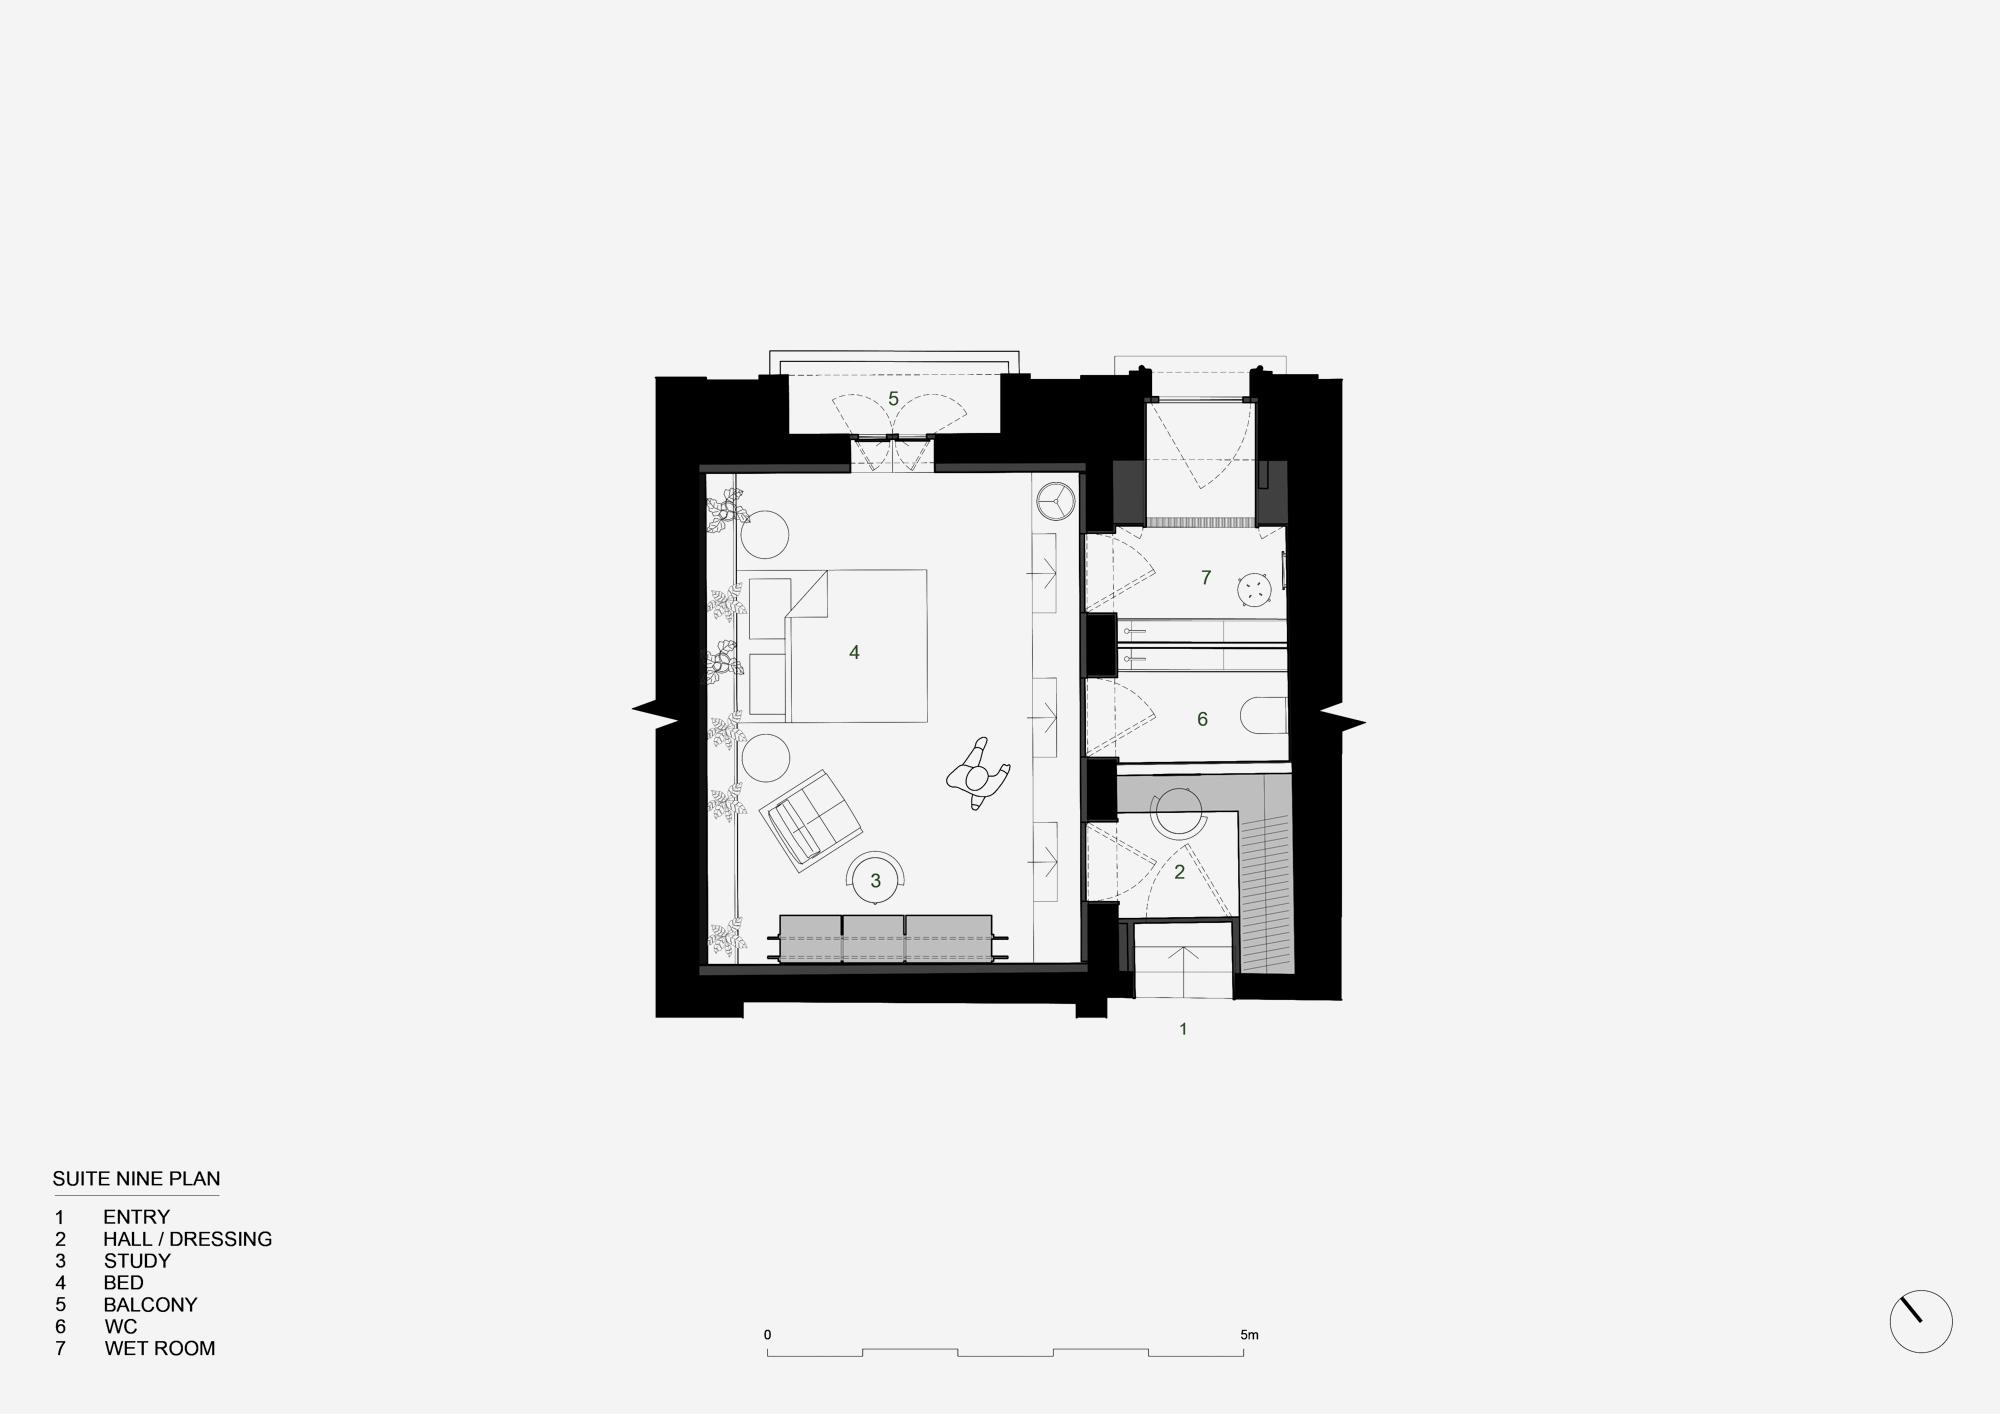 Valentino Architects - Malta - Risette Valletta